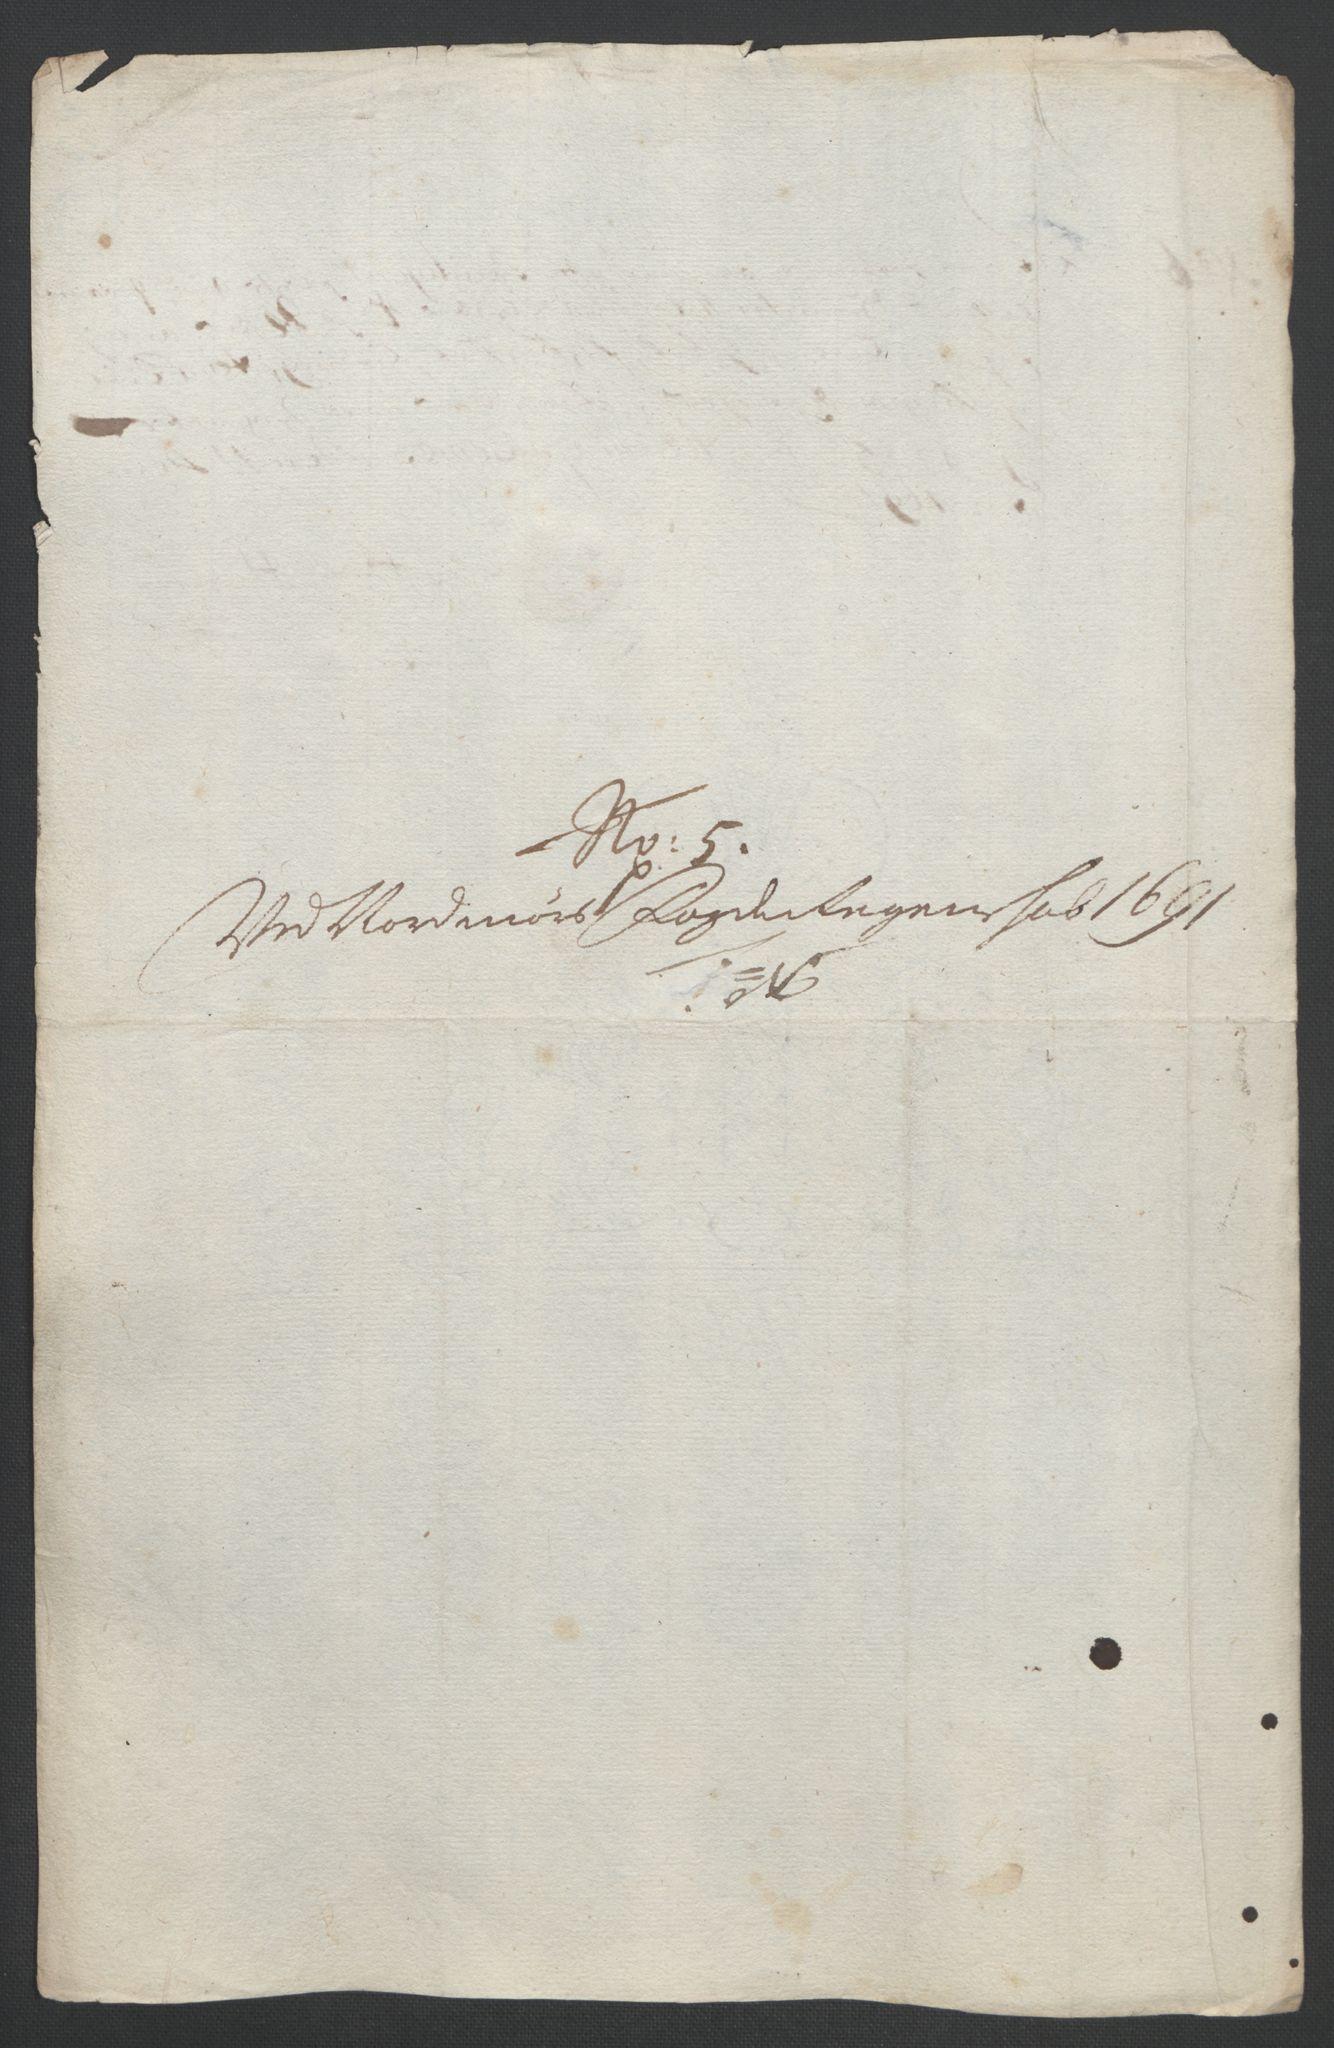 RA, Rentekammeret inntil 1814, Reviderte regnskaper, Fogderegnskap, R56/L3734: Fogderegnskap Nordmøre, 1690-1691, s. 412